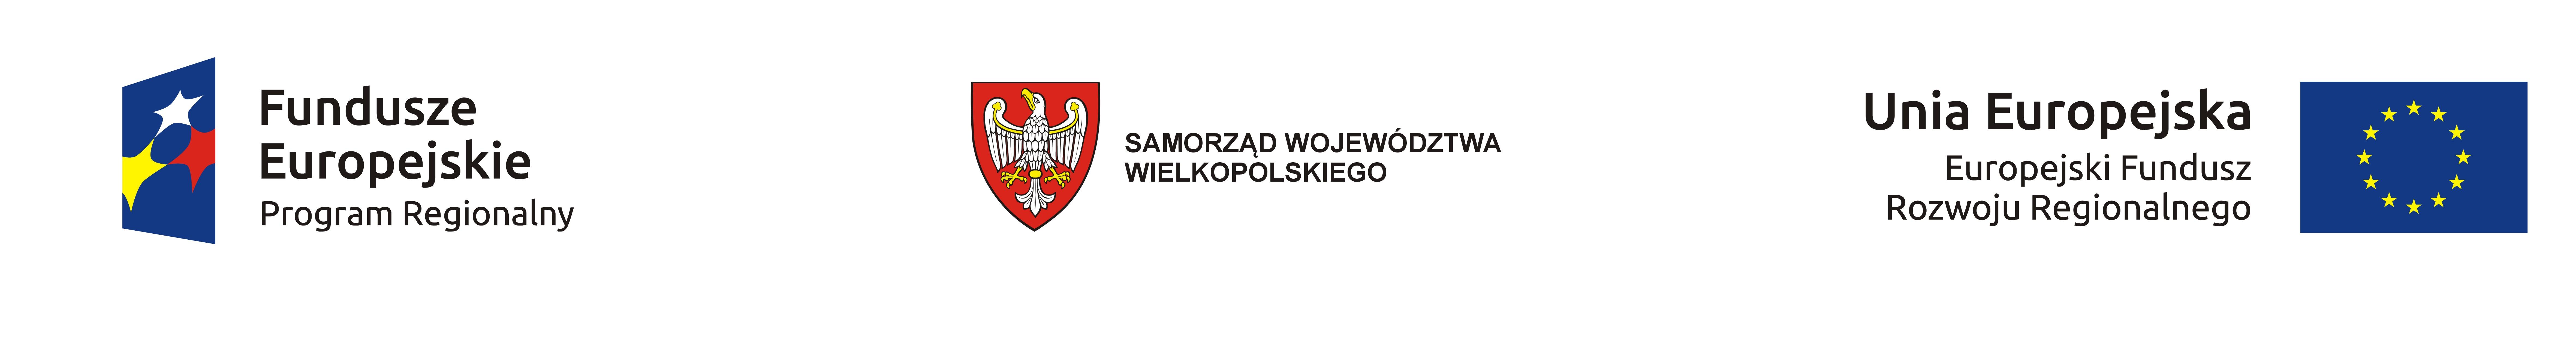 Europejski Fundusz Rozwoju Regionalnego, Samorząd Województwa Wielkopolskiego